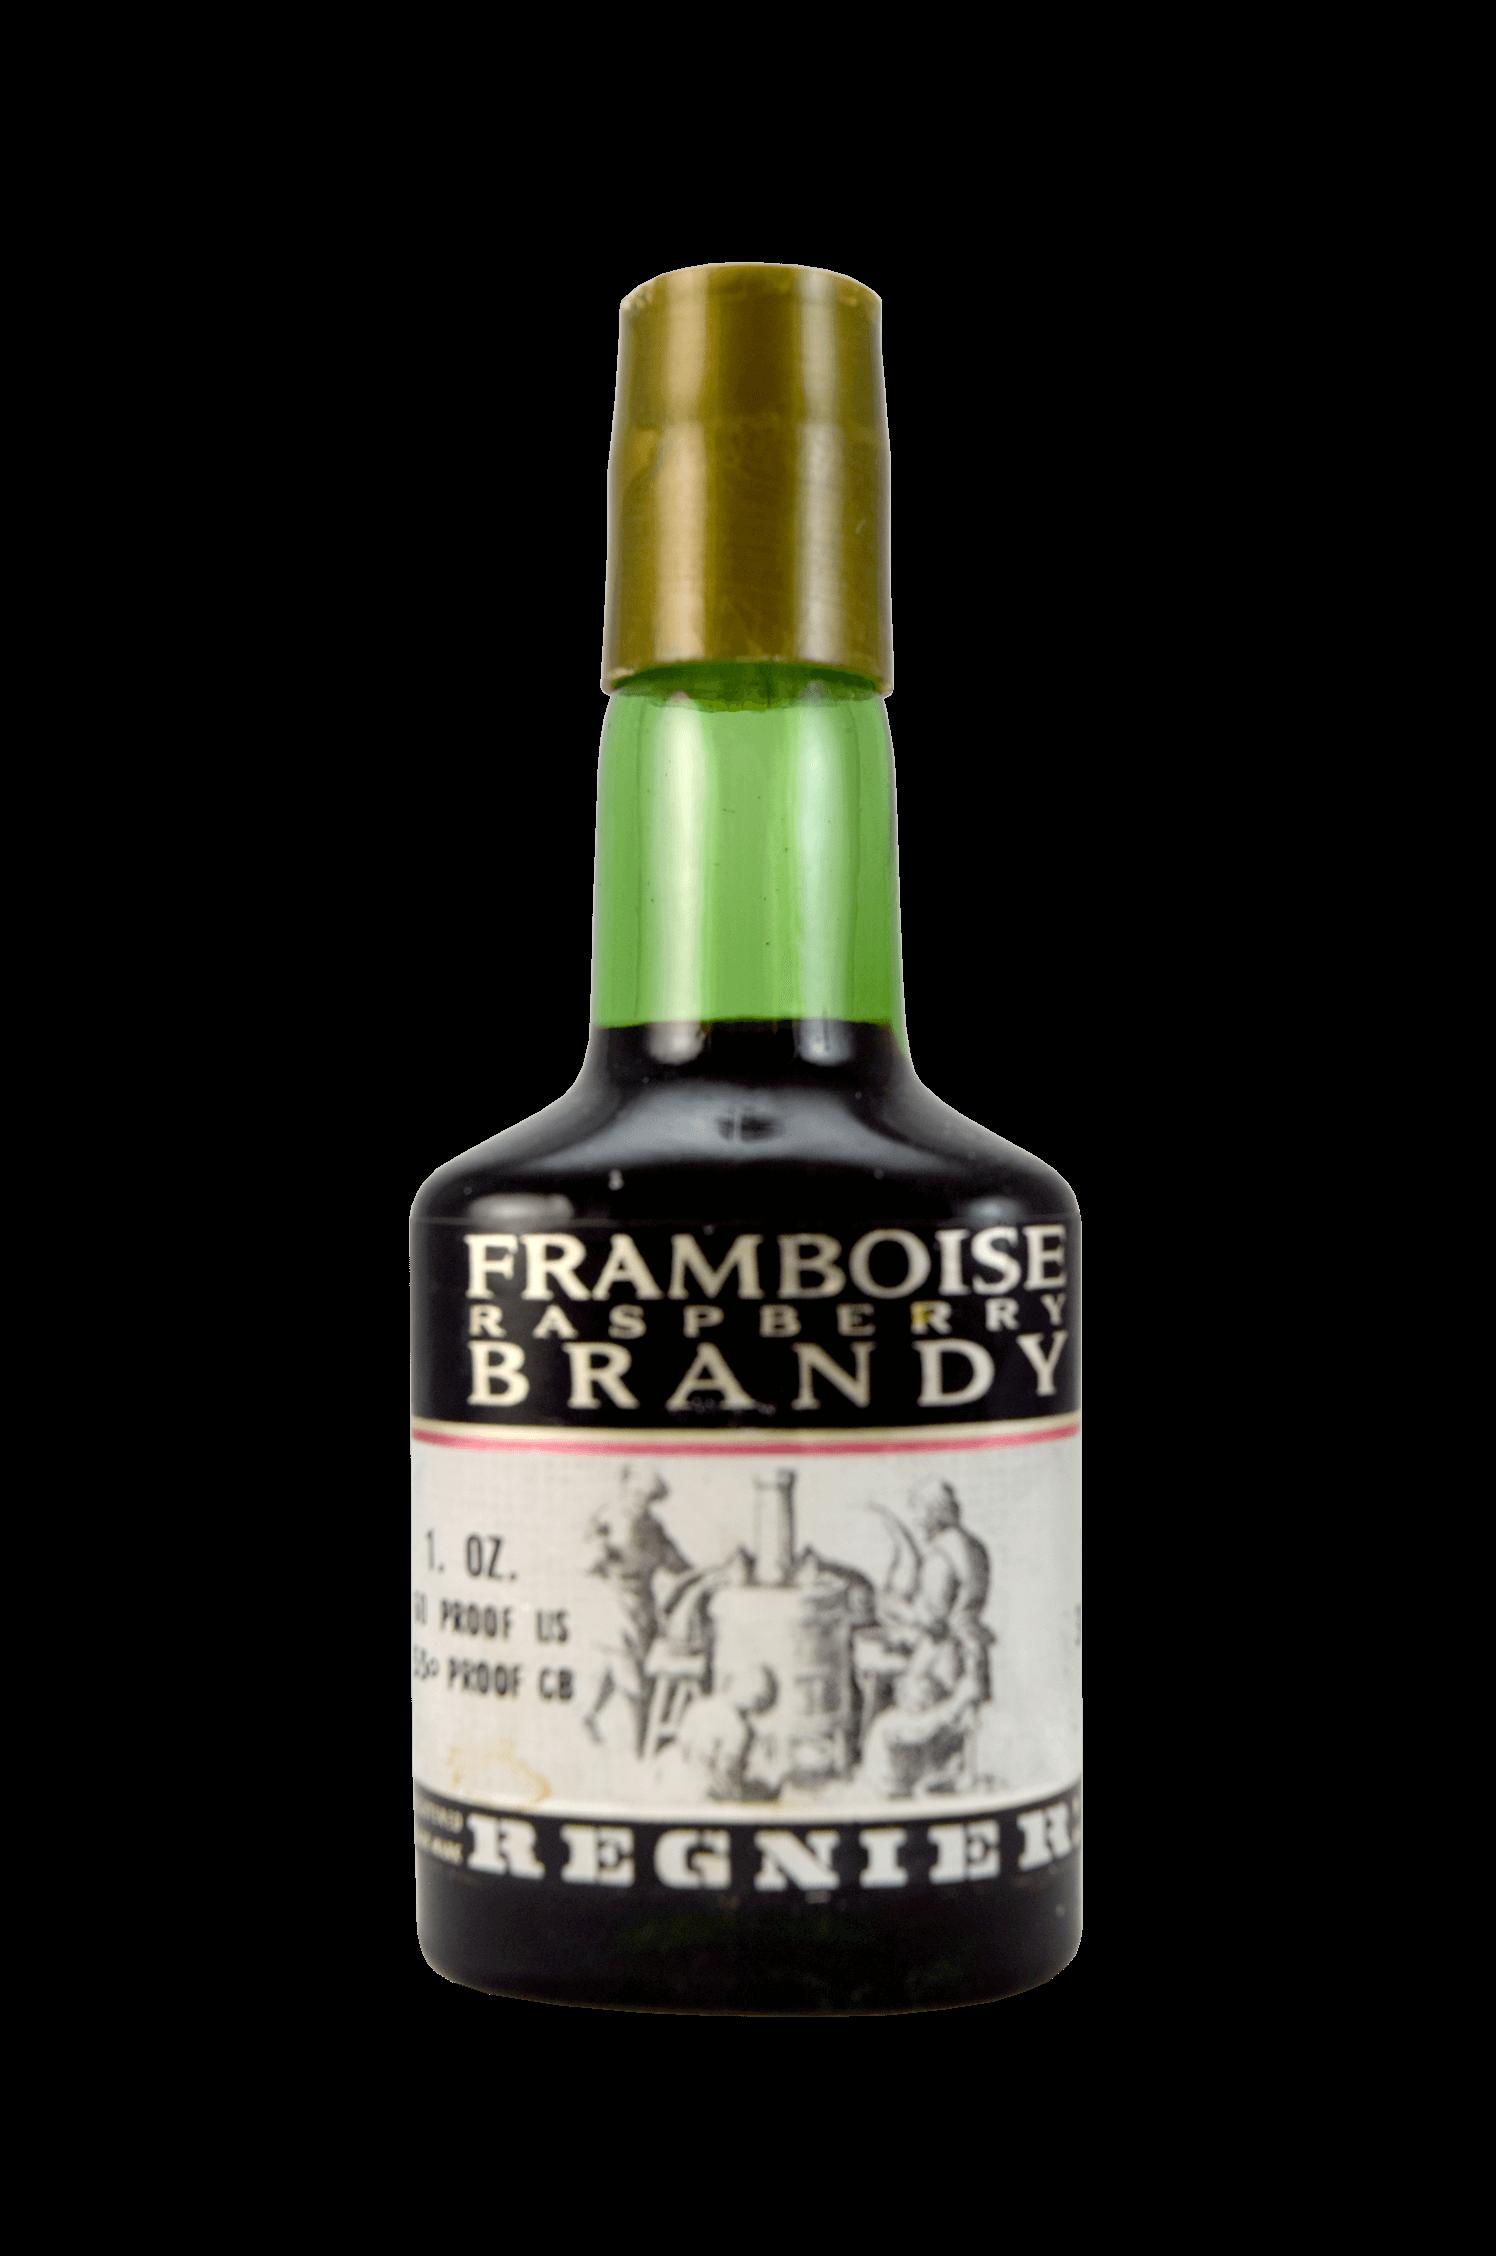 Regnier Framboise Raspberry Brandy